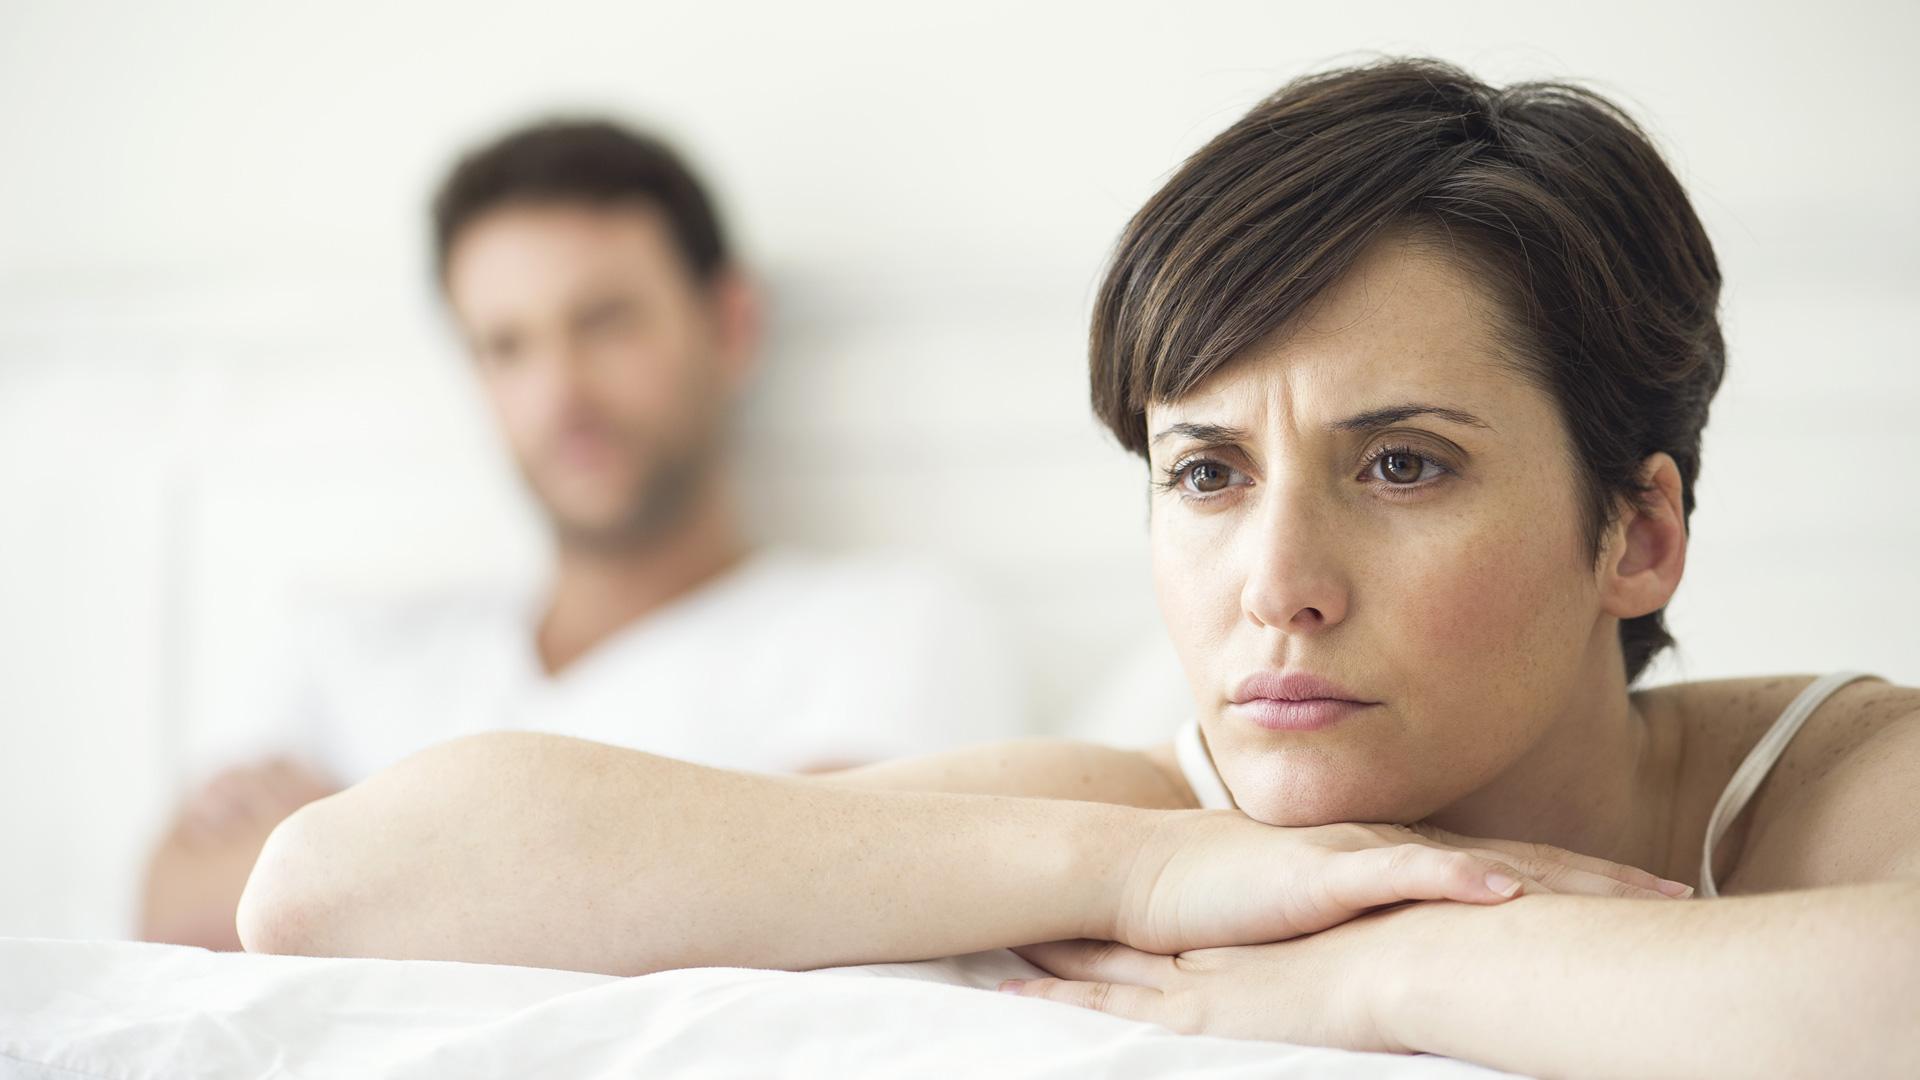 Что делать, если любимый человек раздражает, как спасти отношения?